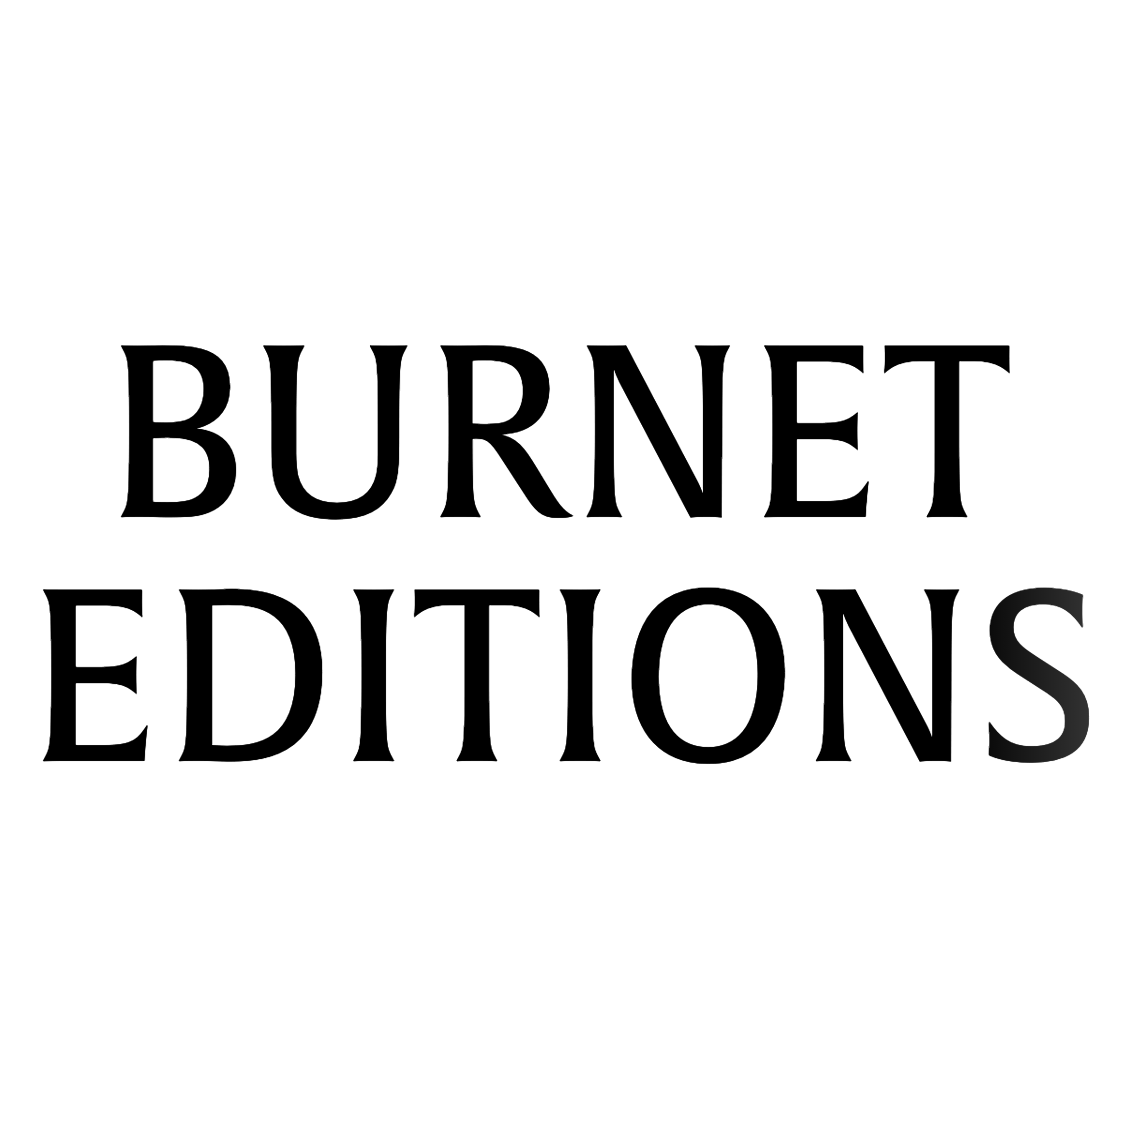 Burnet Editions